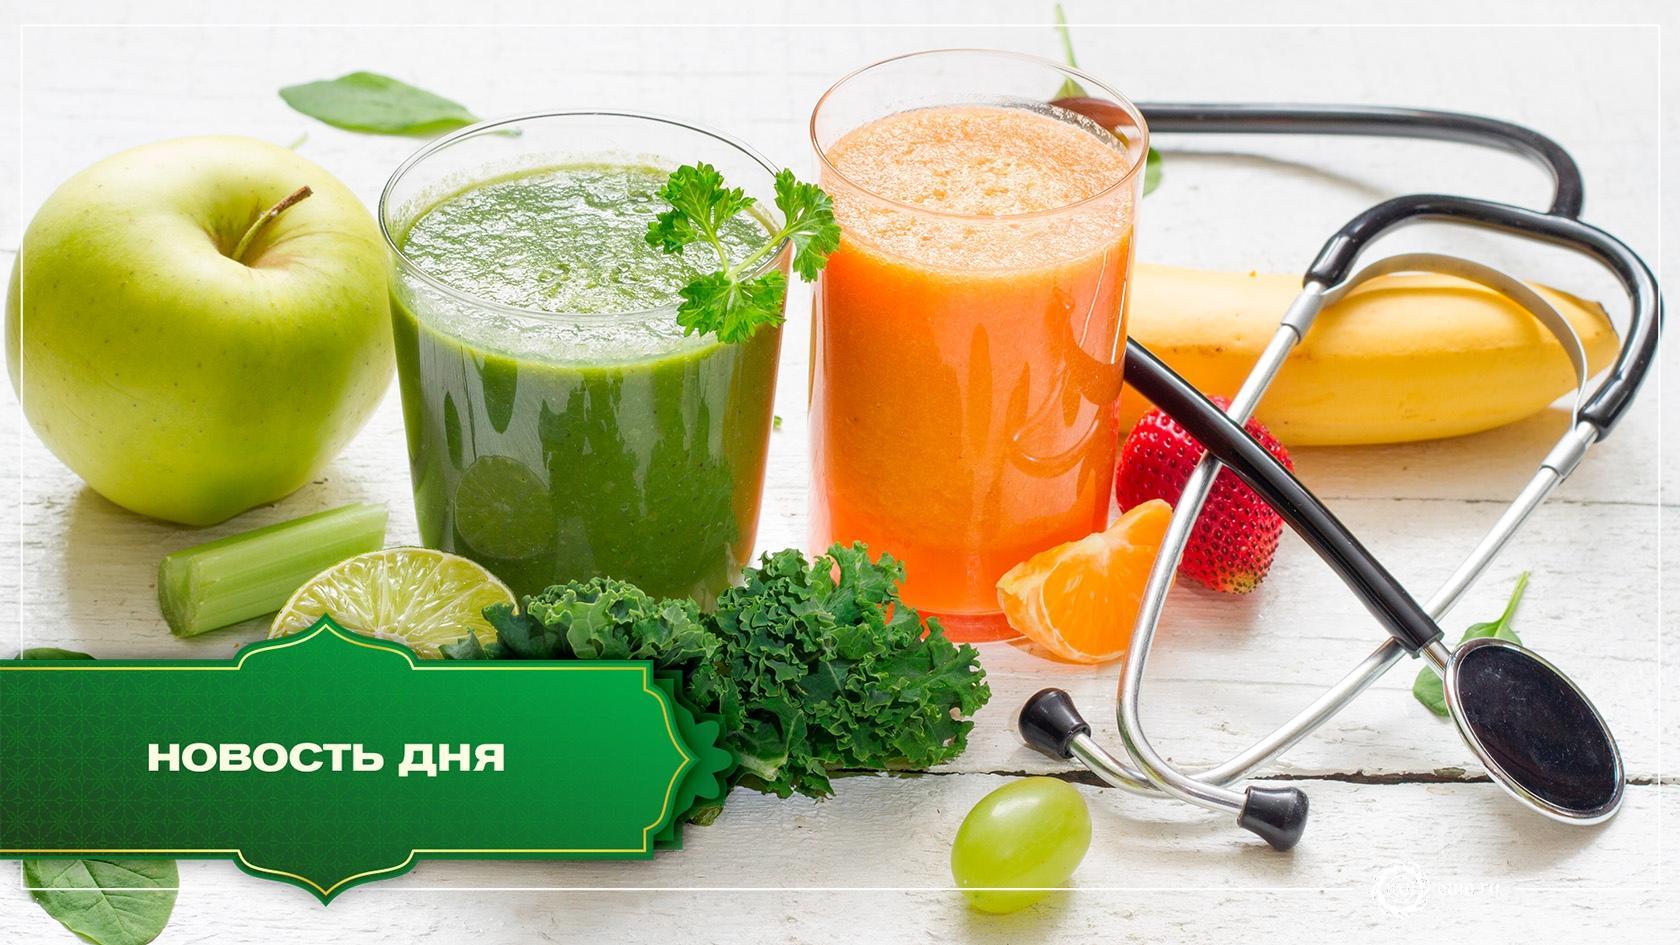 Эффективность фруктовой диеты